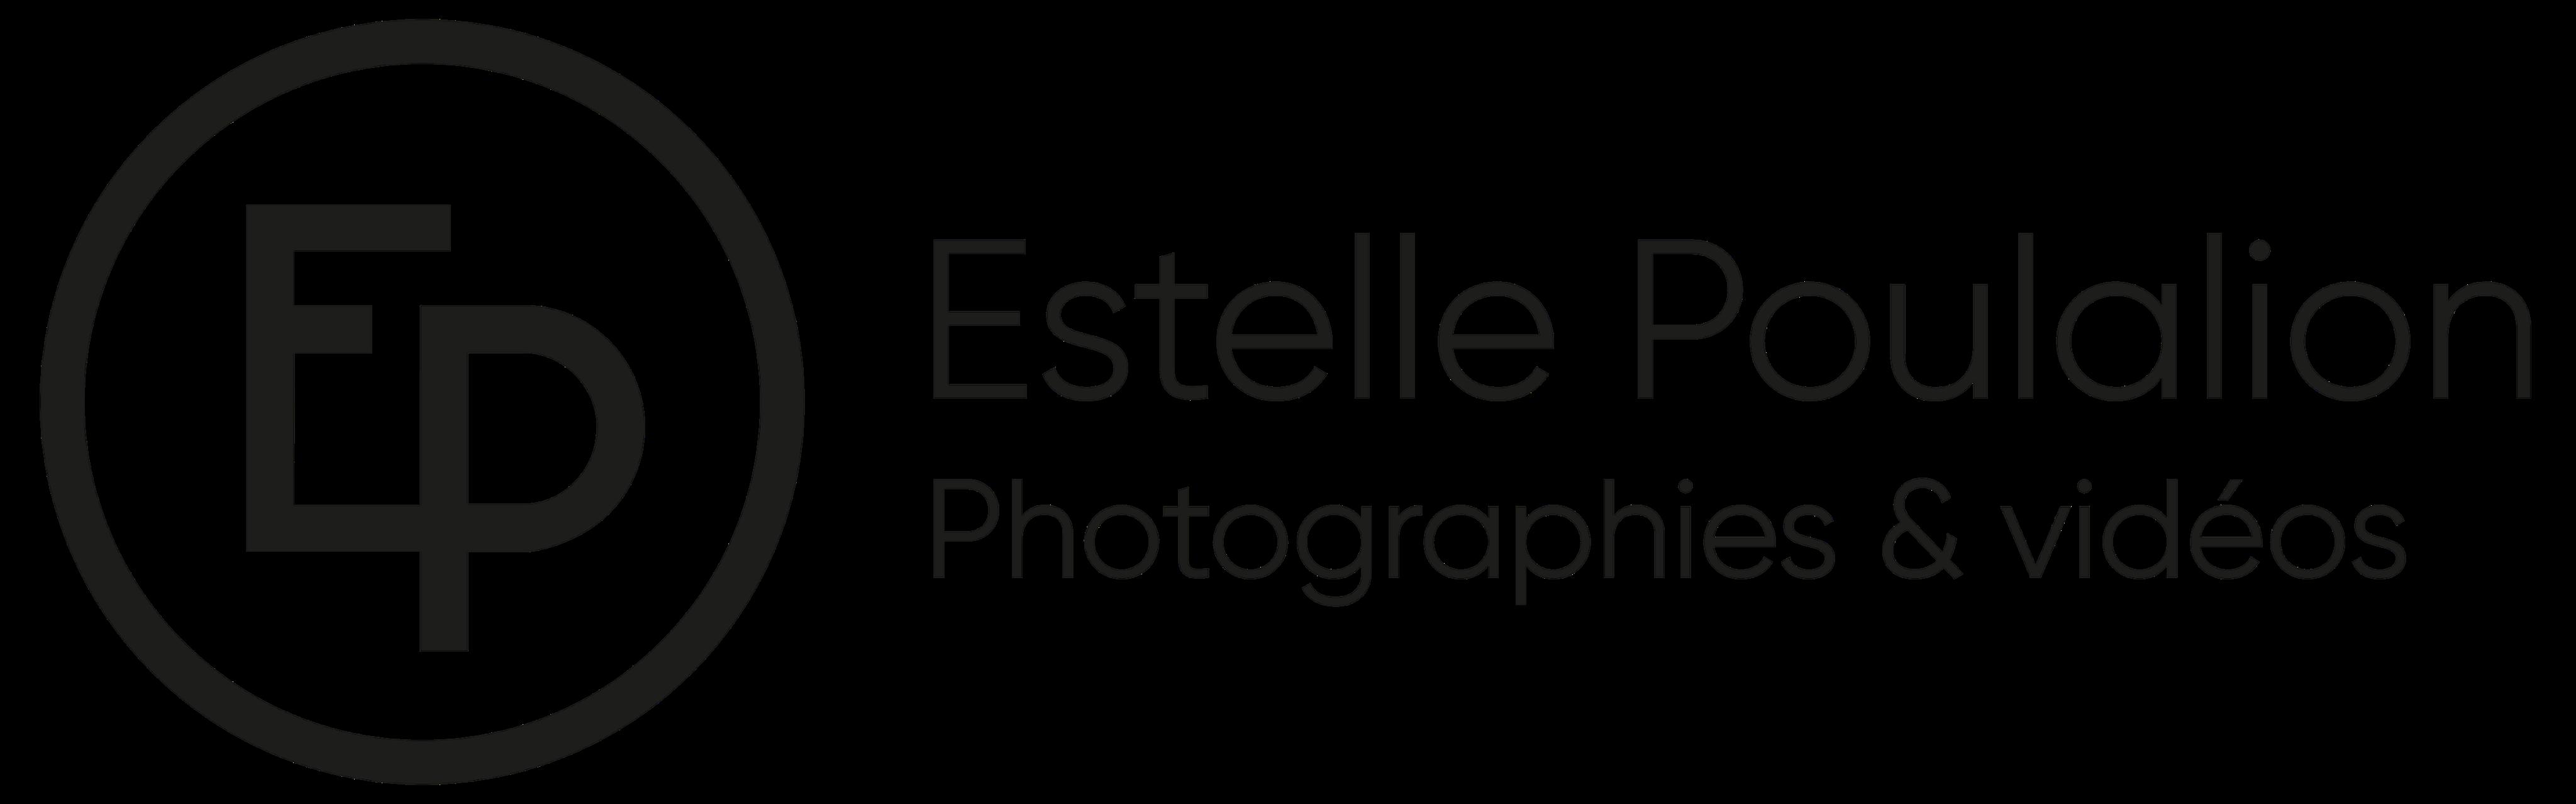 Estelle Poulalion